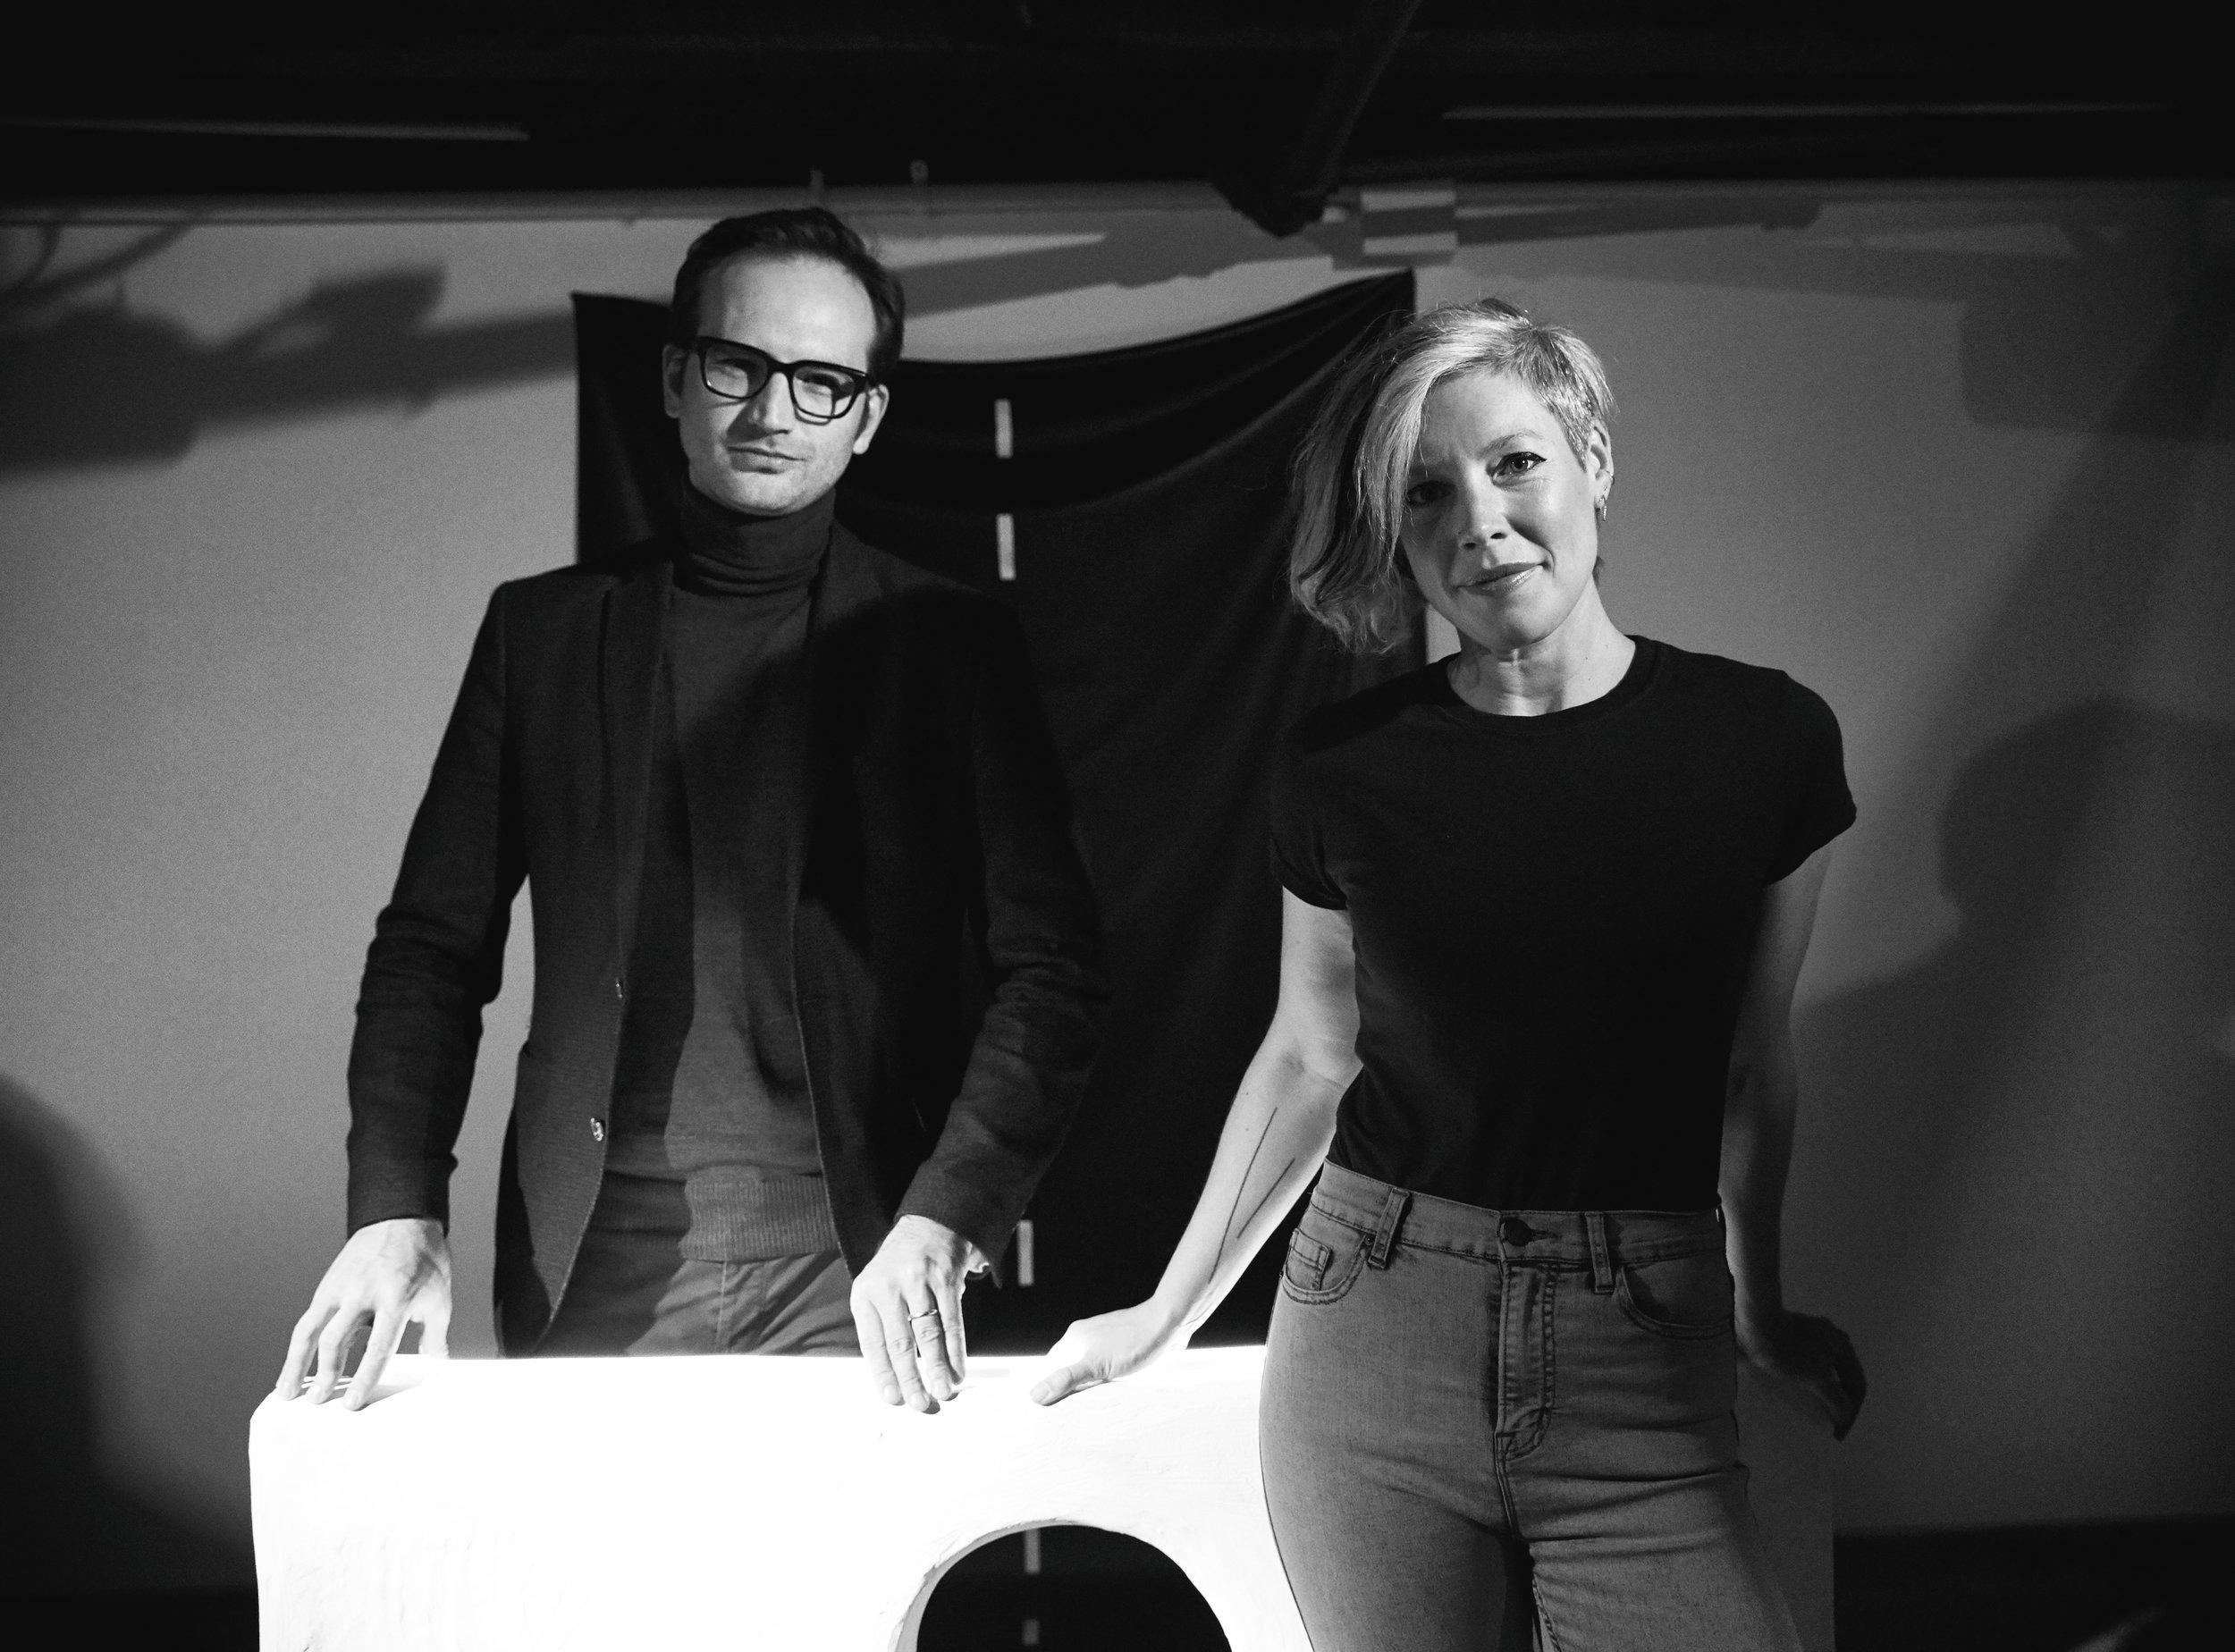 With Artist Kara L Rooney